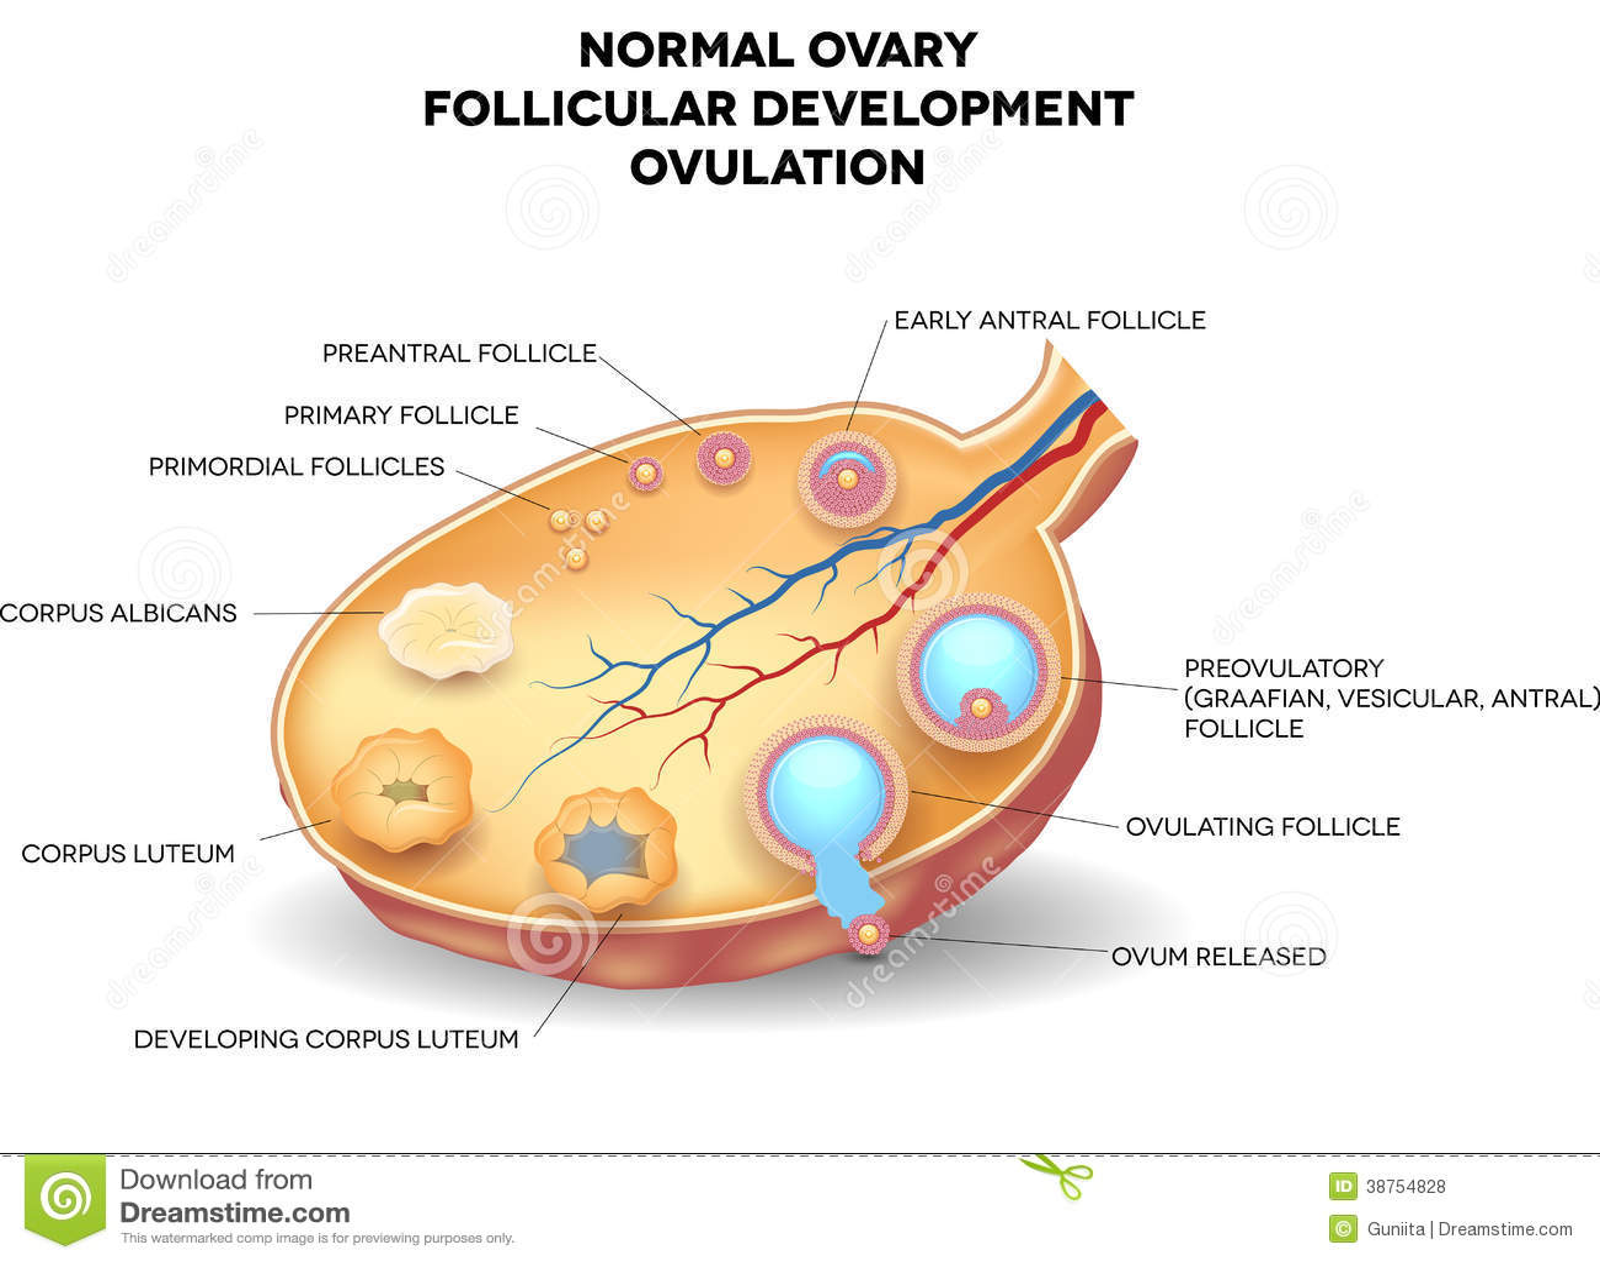 Increíble Anatomía De Ovario Fotos - Imágenes de Anatomía Humana ...